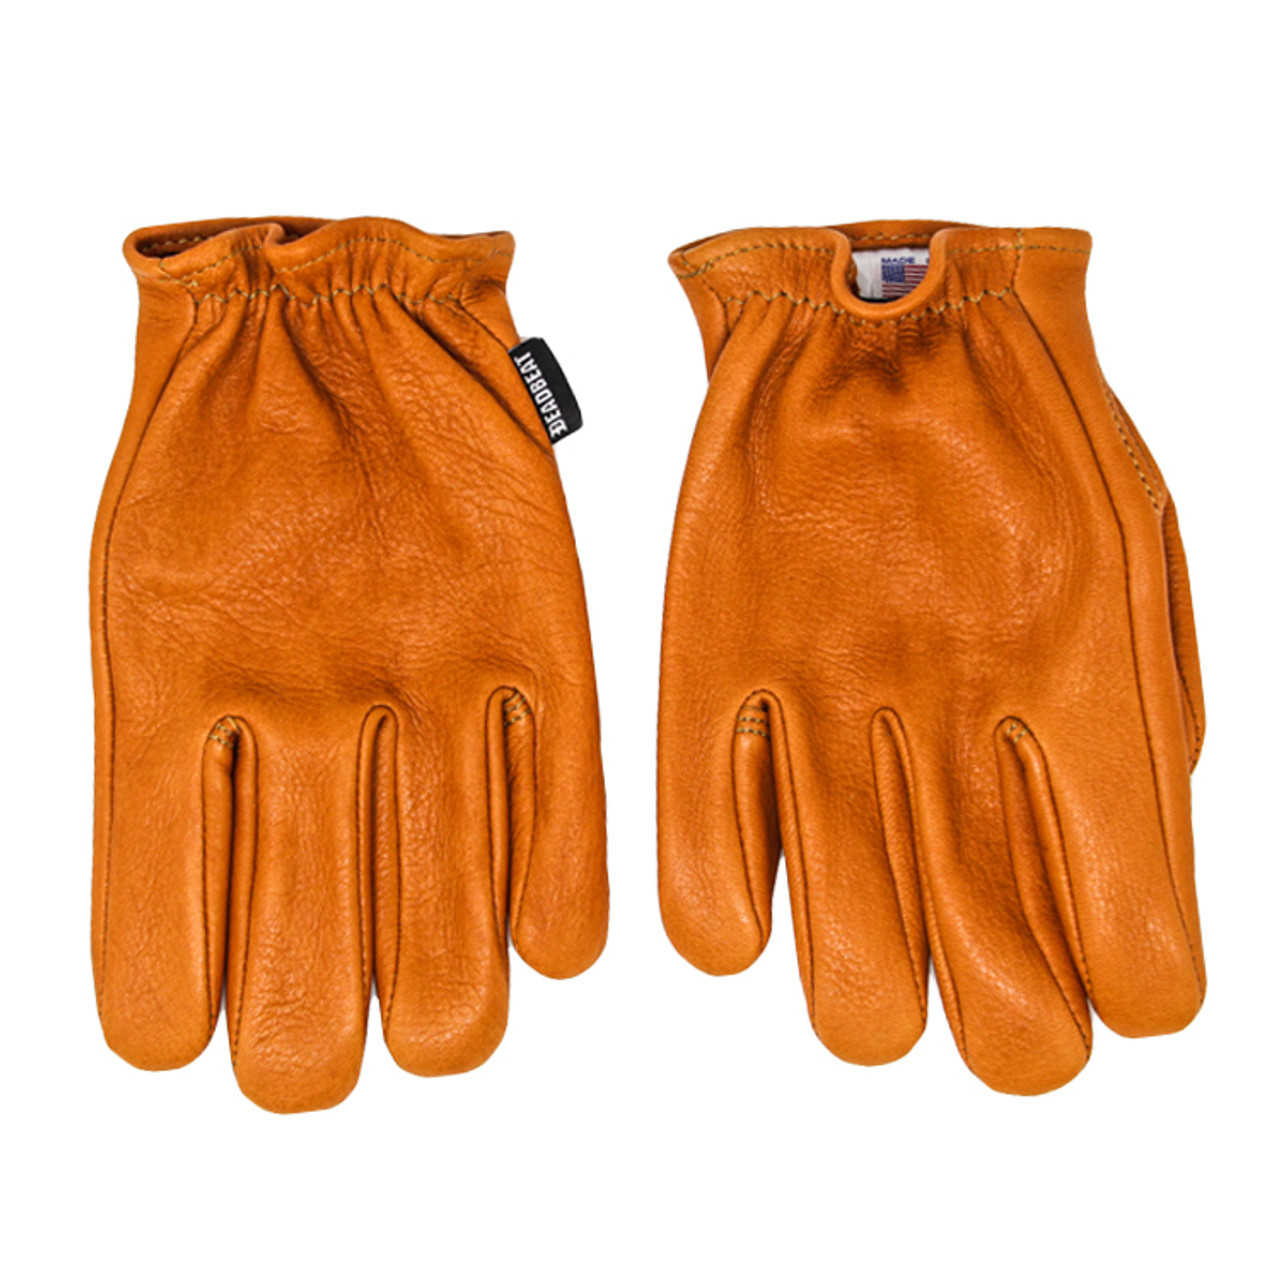 Black, Large Shaf International Mens Deerskin Short Wristed Driving Gloves